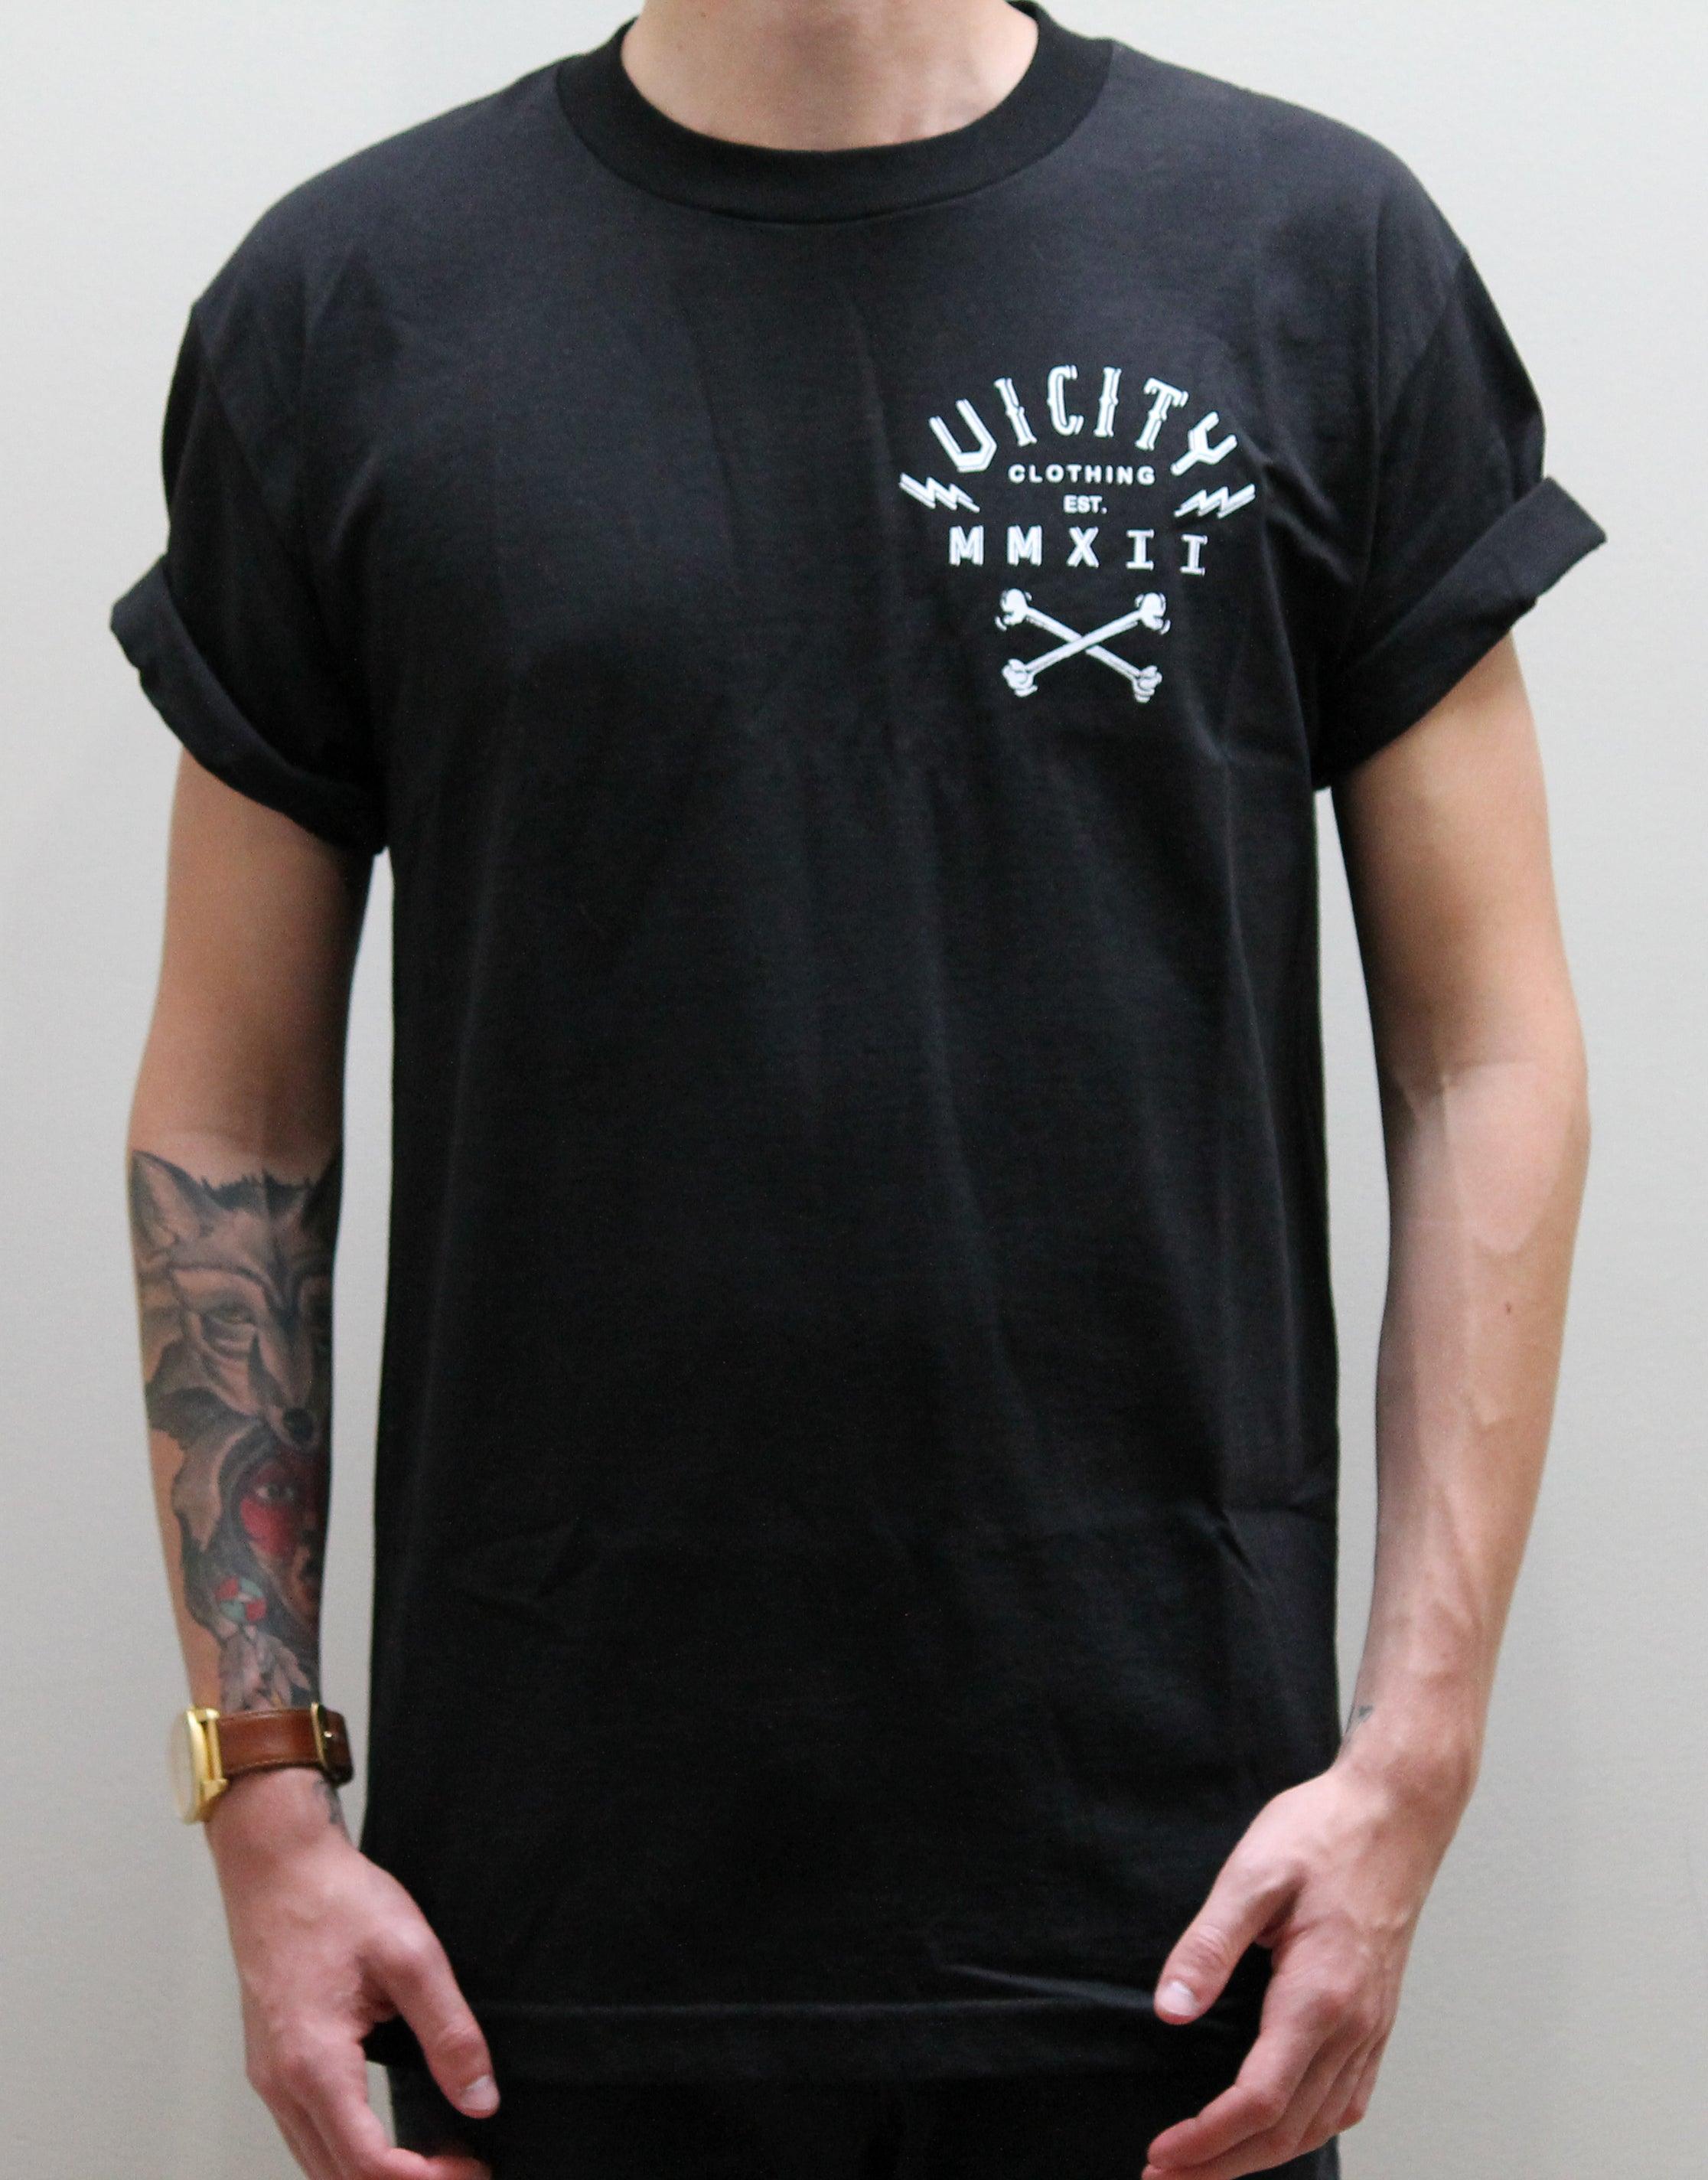 New Dead Bones T Shirt Vicity Clothing